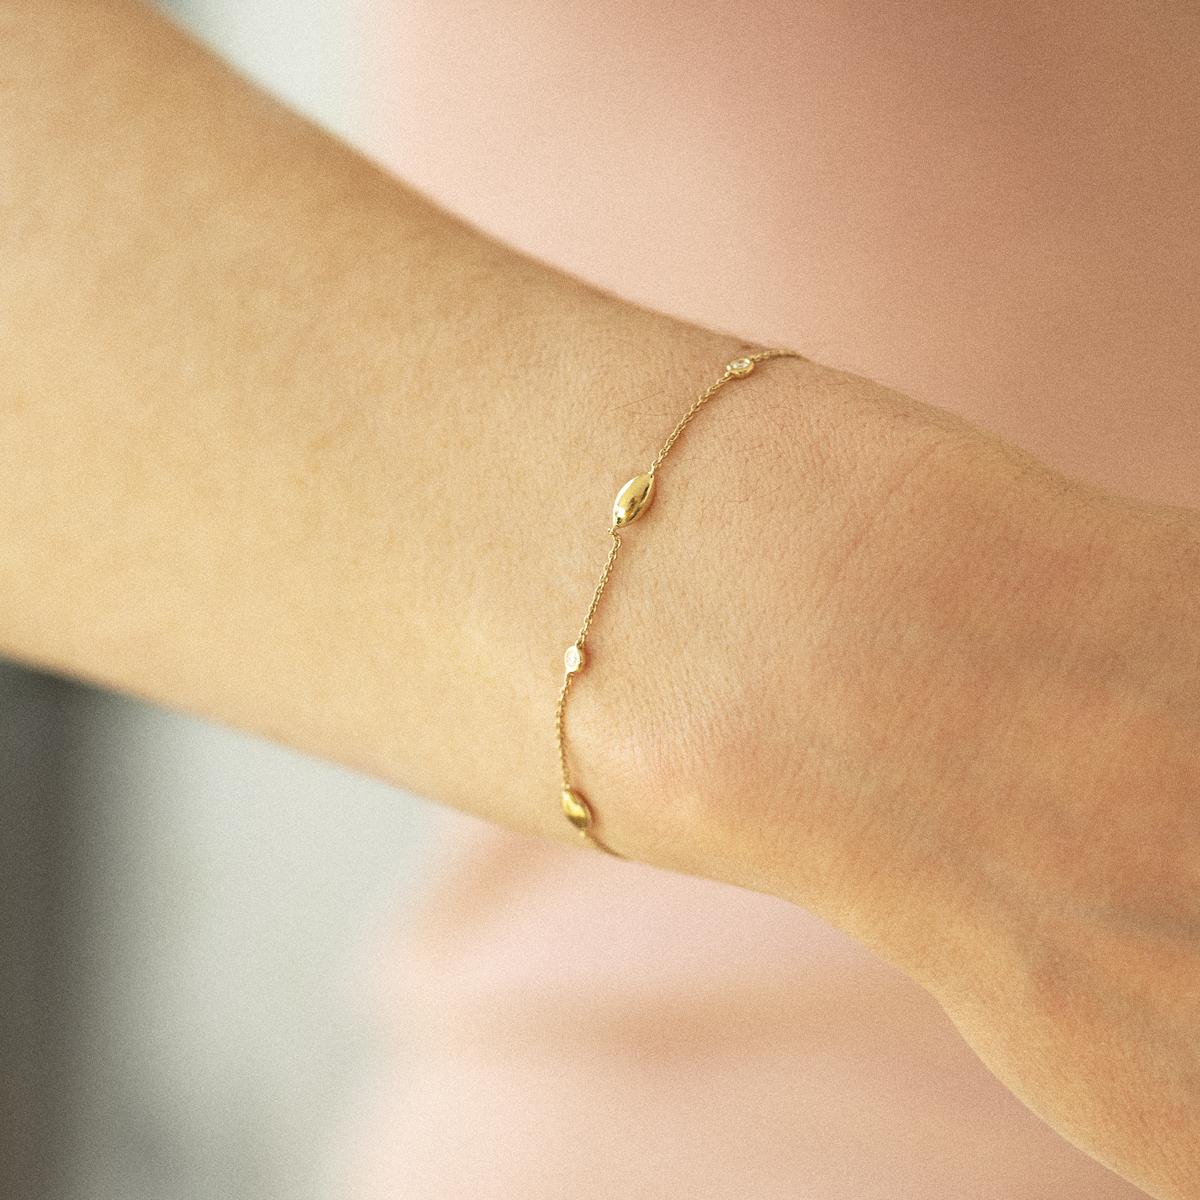 vulsini bracelet in white gold